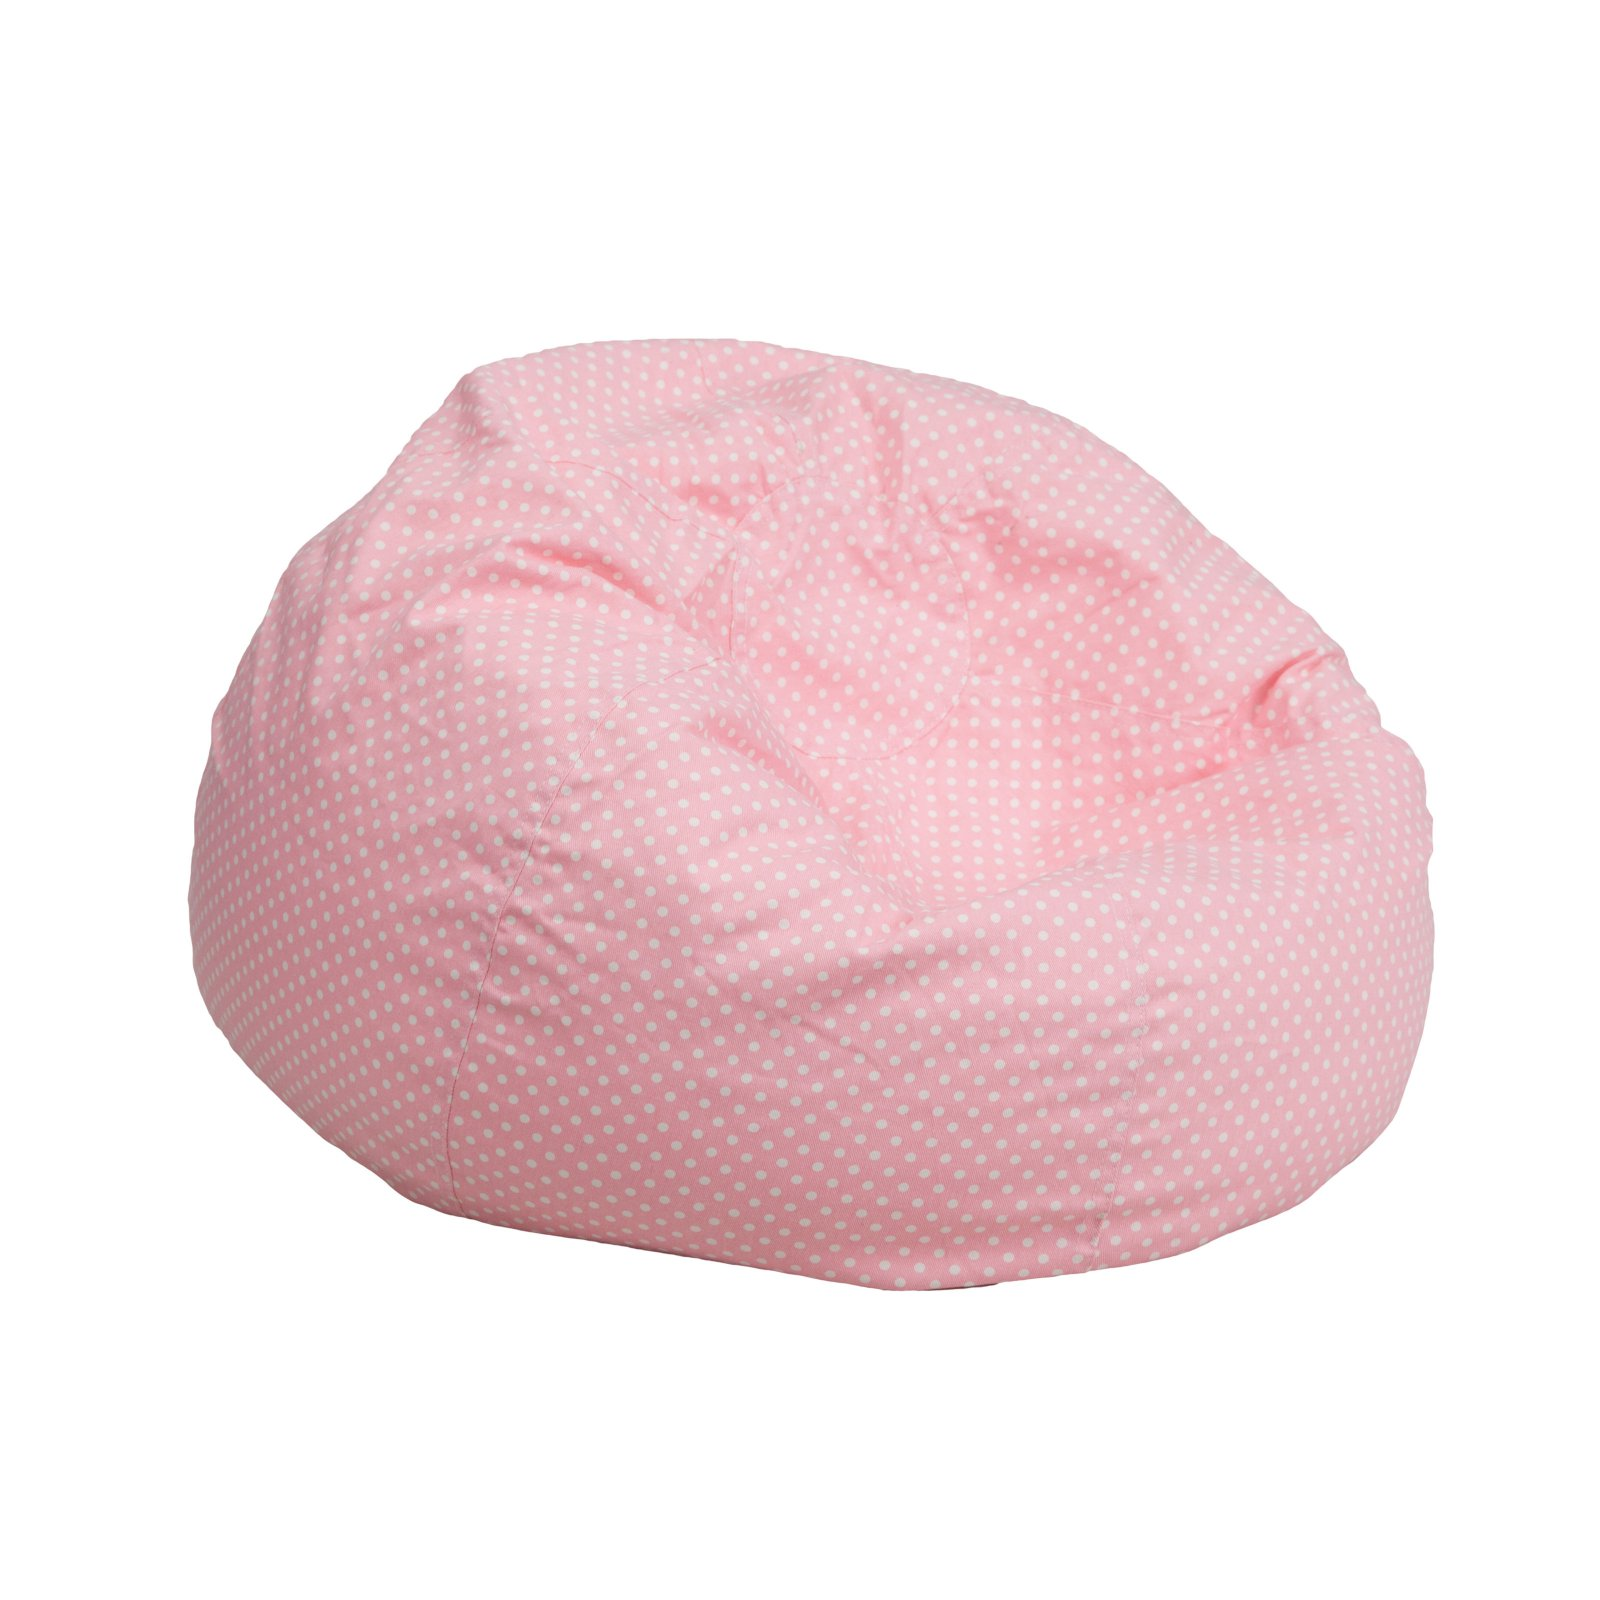 Pink bean bag chair - Pink Bean Bag Chair 30